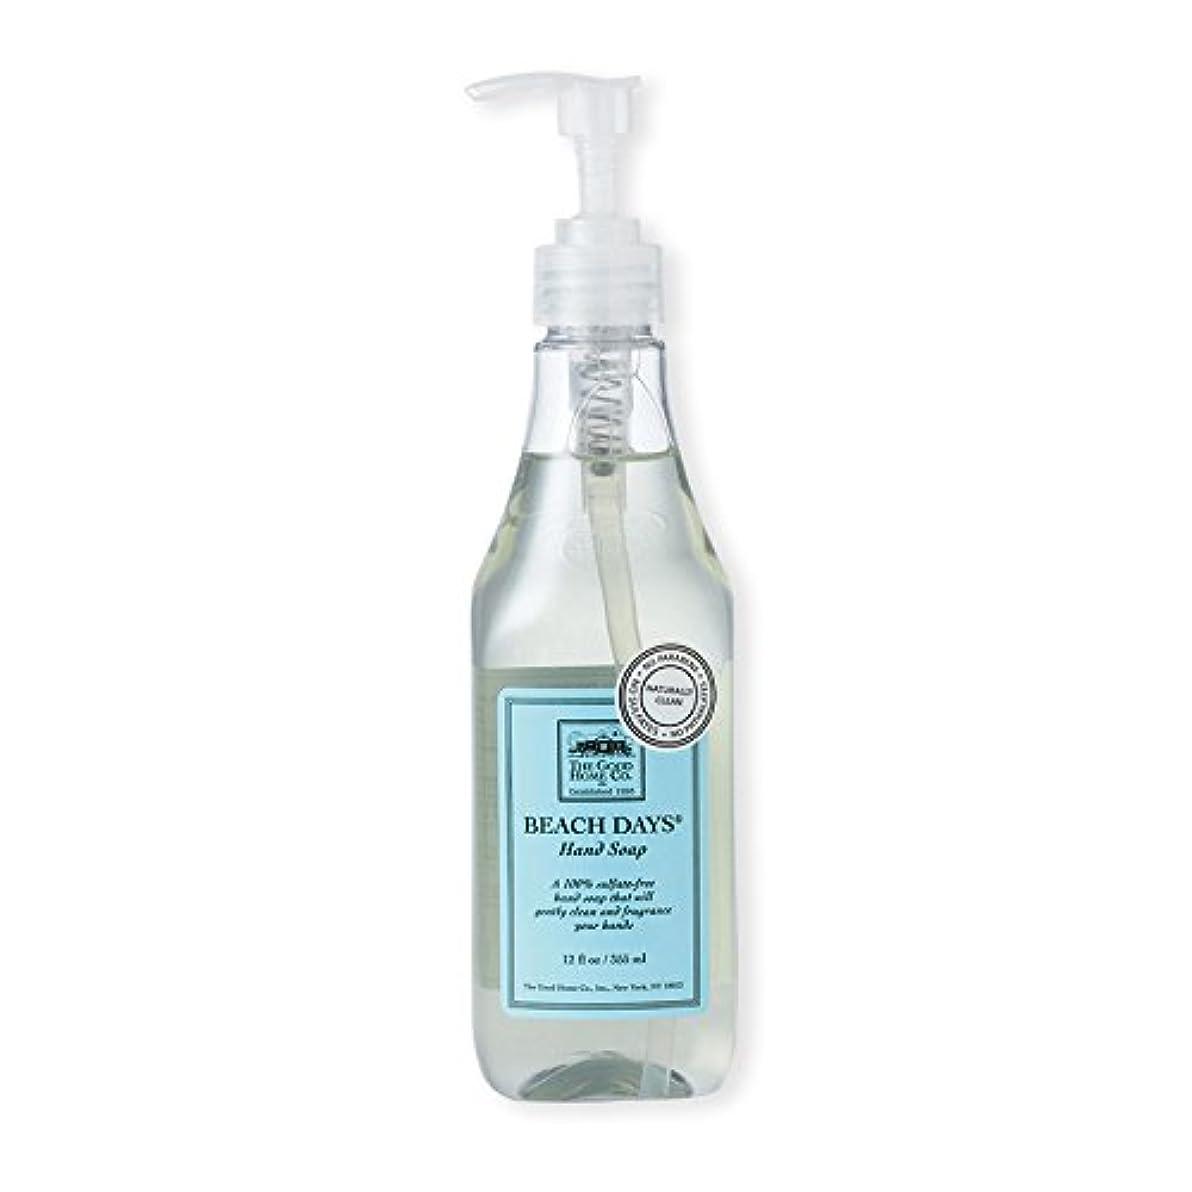 テーマ釈義熟達したザ グッドホーム カンパニー HAND SOAP ハンドソープ 石鹸 せっけん ギフト 355ml レディーズ (並行輸入品)